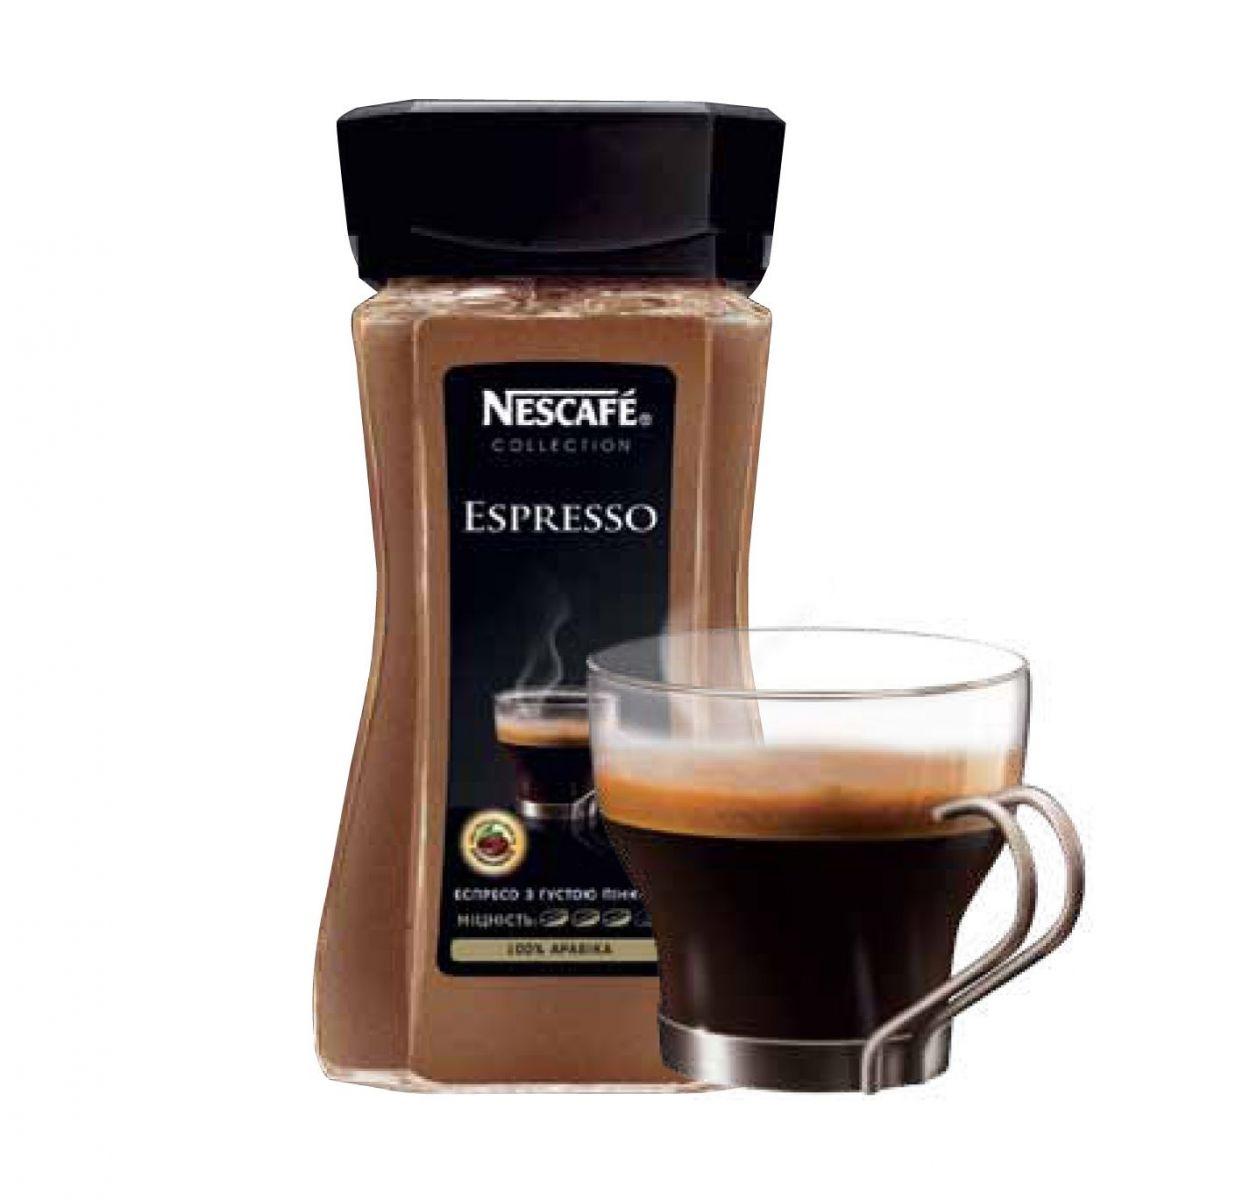 NESCAFE® Espresso